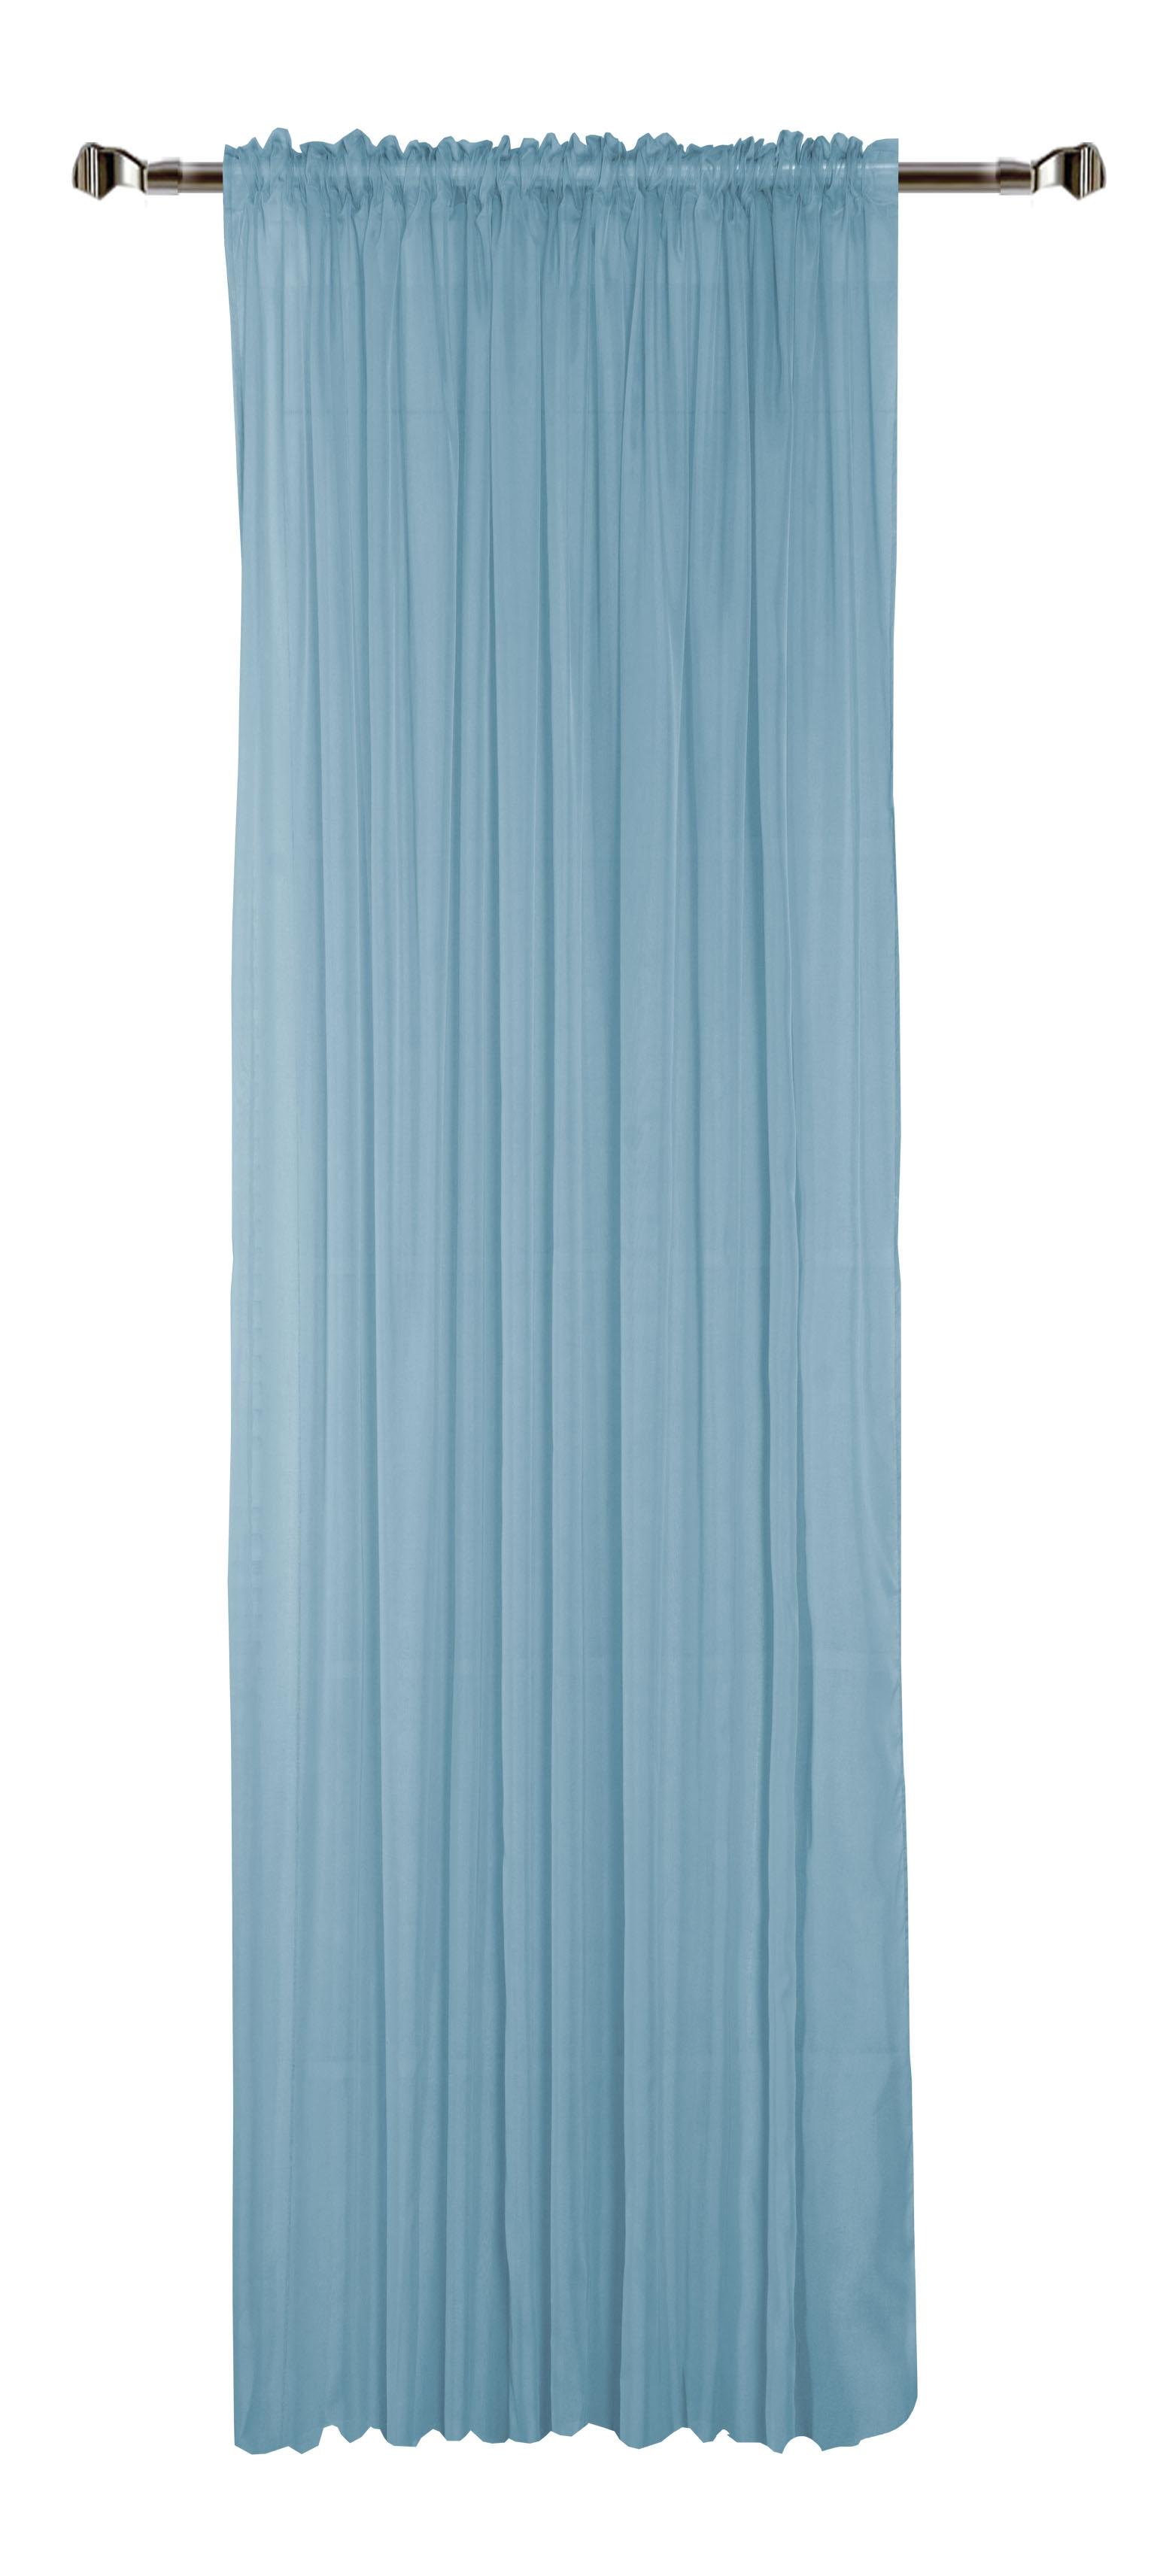 Perdea Home Voile-49 Blue 300 x 280 cm 1 bucata